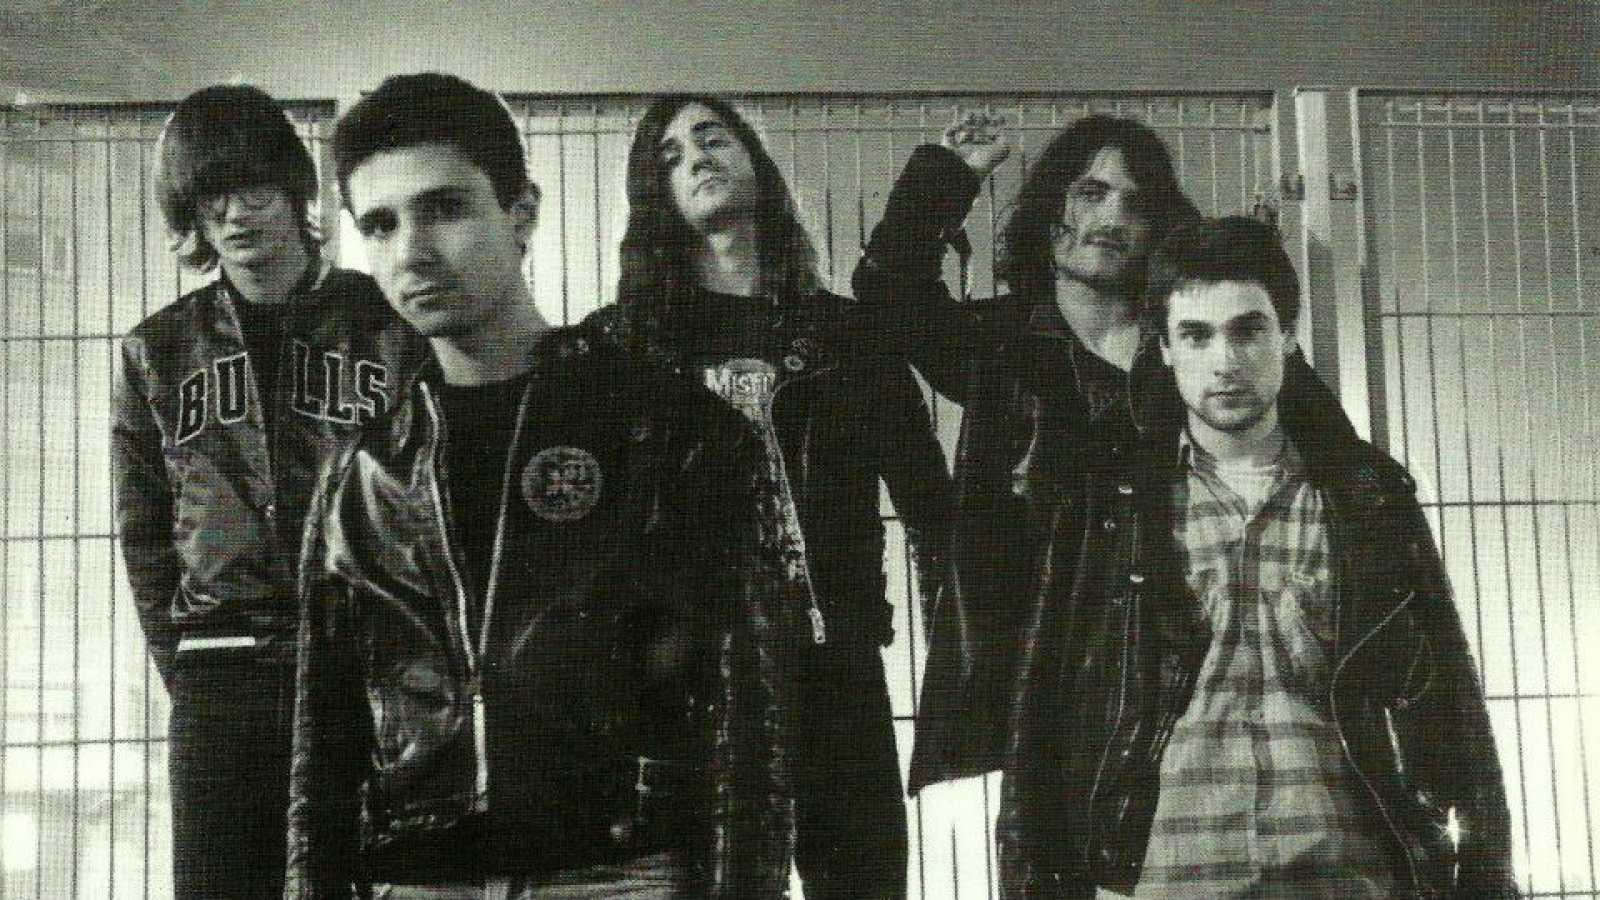 El Sótano - Muy punk - 27/02/18 - escuchar ahora